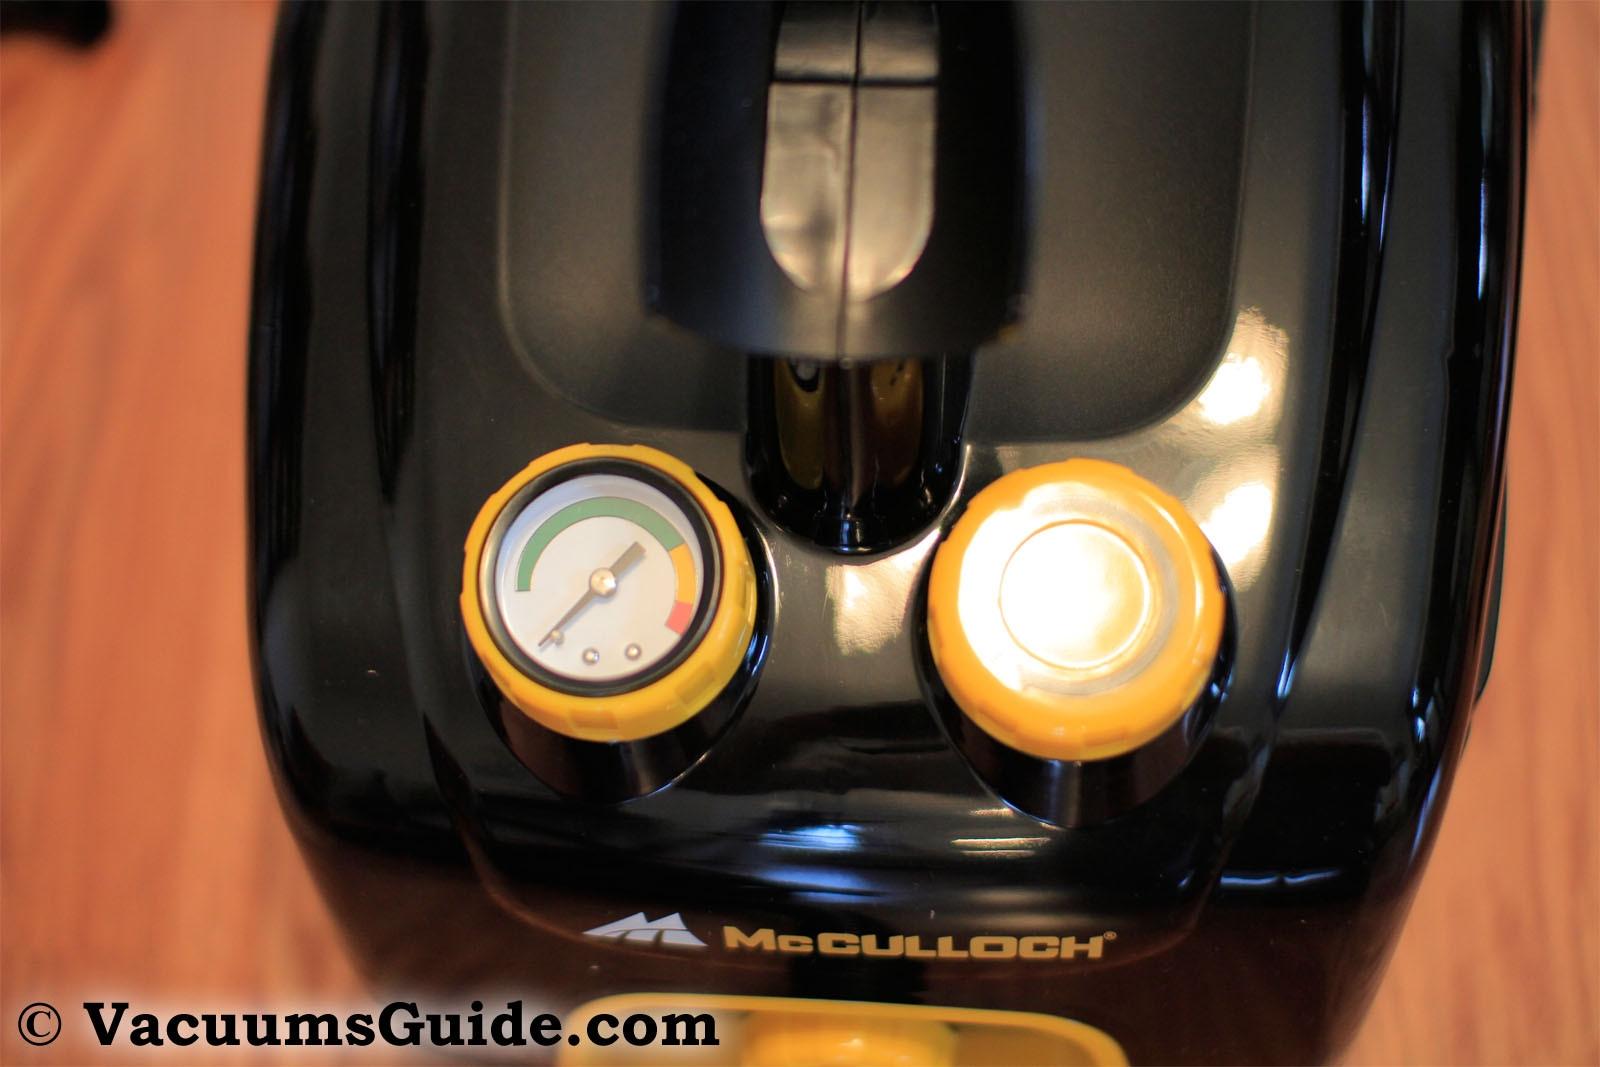 McCulloch MC1375 steam control and pressure indicator